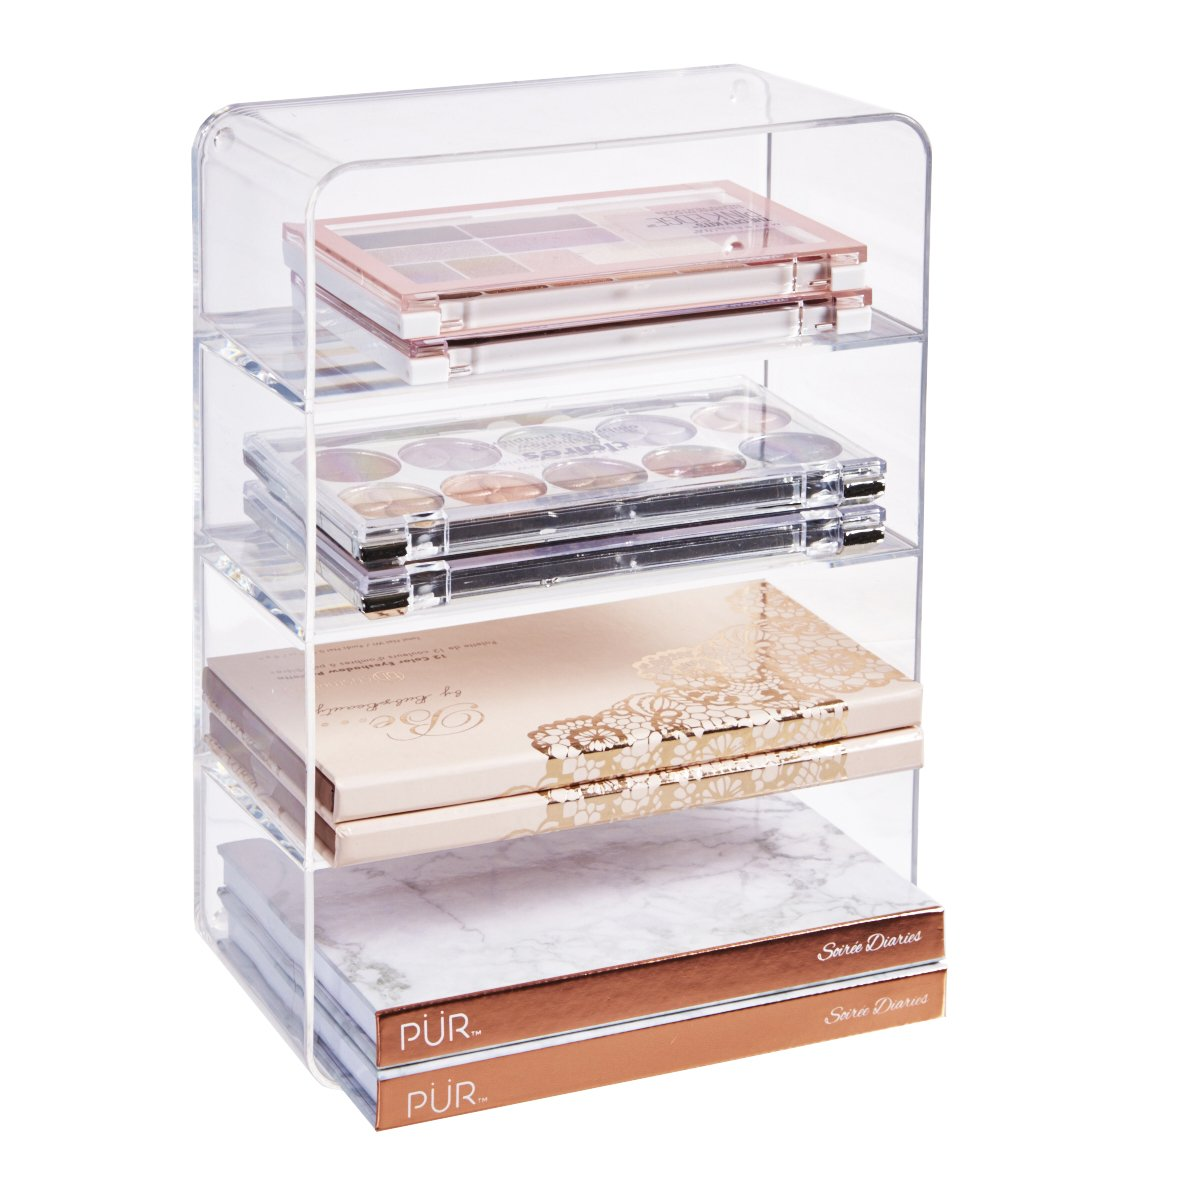 5-Compartments STORi Clear Plastic Organizer